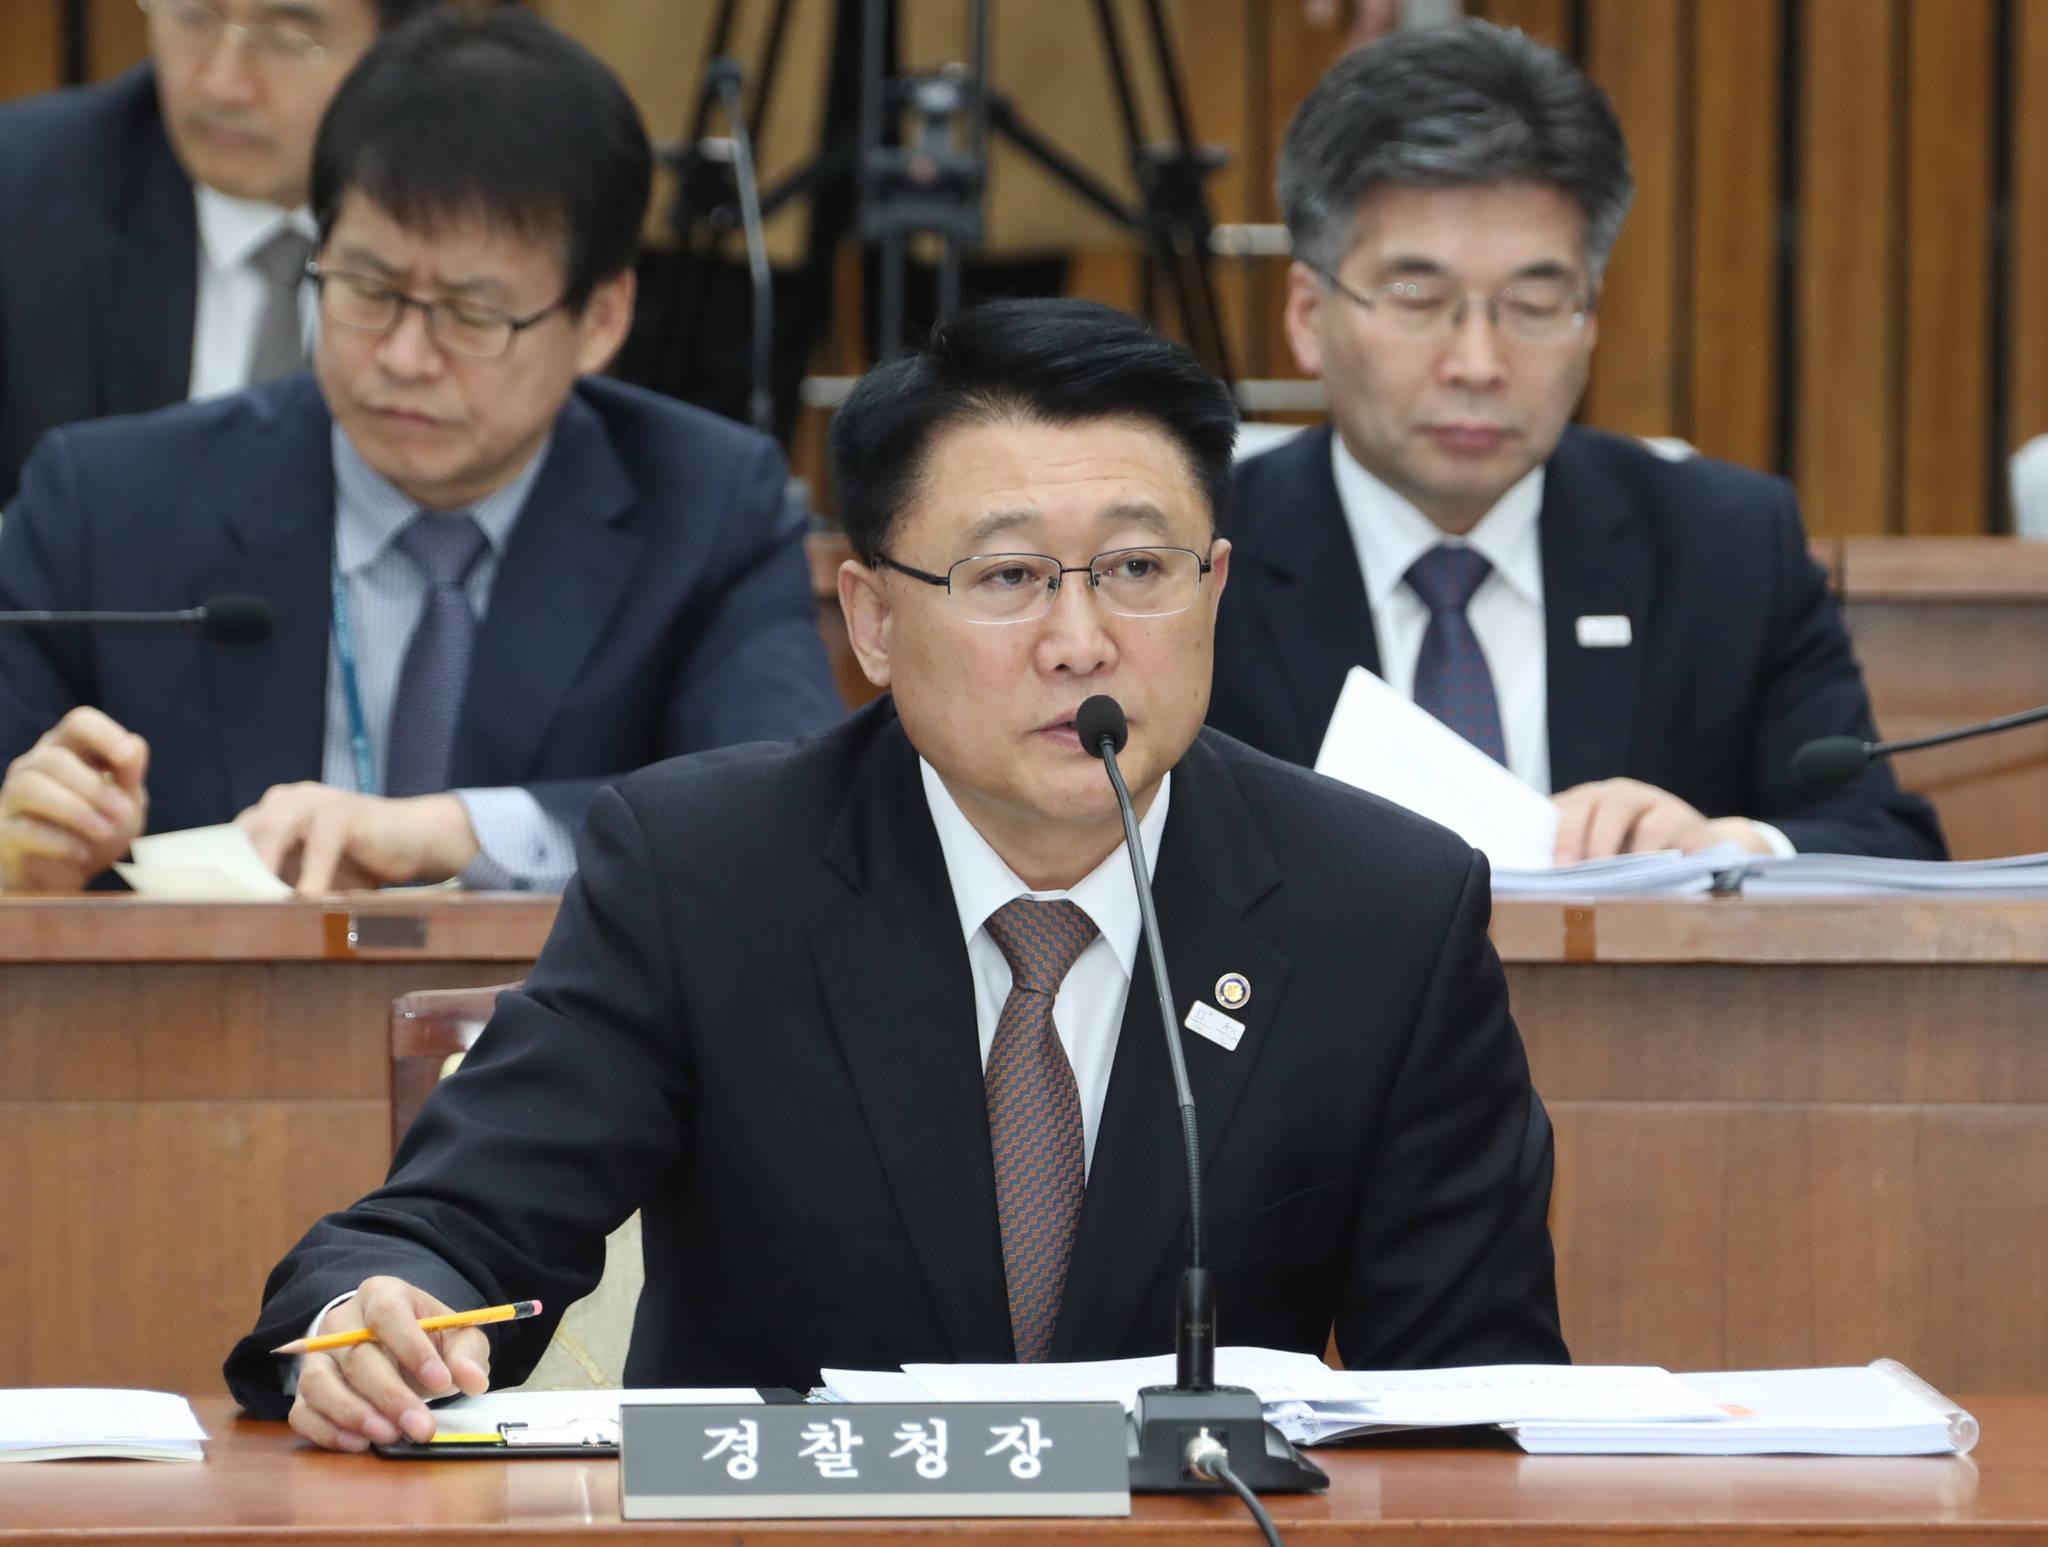 이철성 경찰청장이 6일 국회에서 열린 사법개혁특별위원회 전체회의에서 의원들의 질의에 답변하고 있다. [연합뉴스]